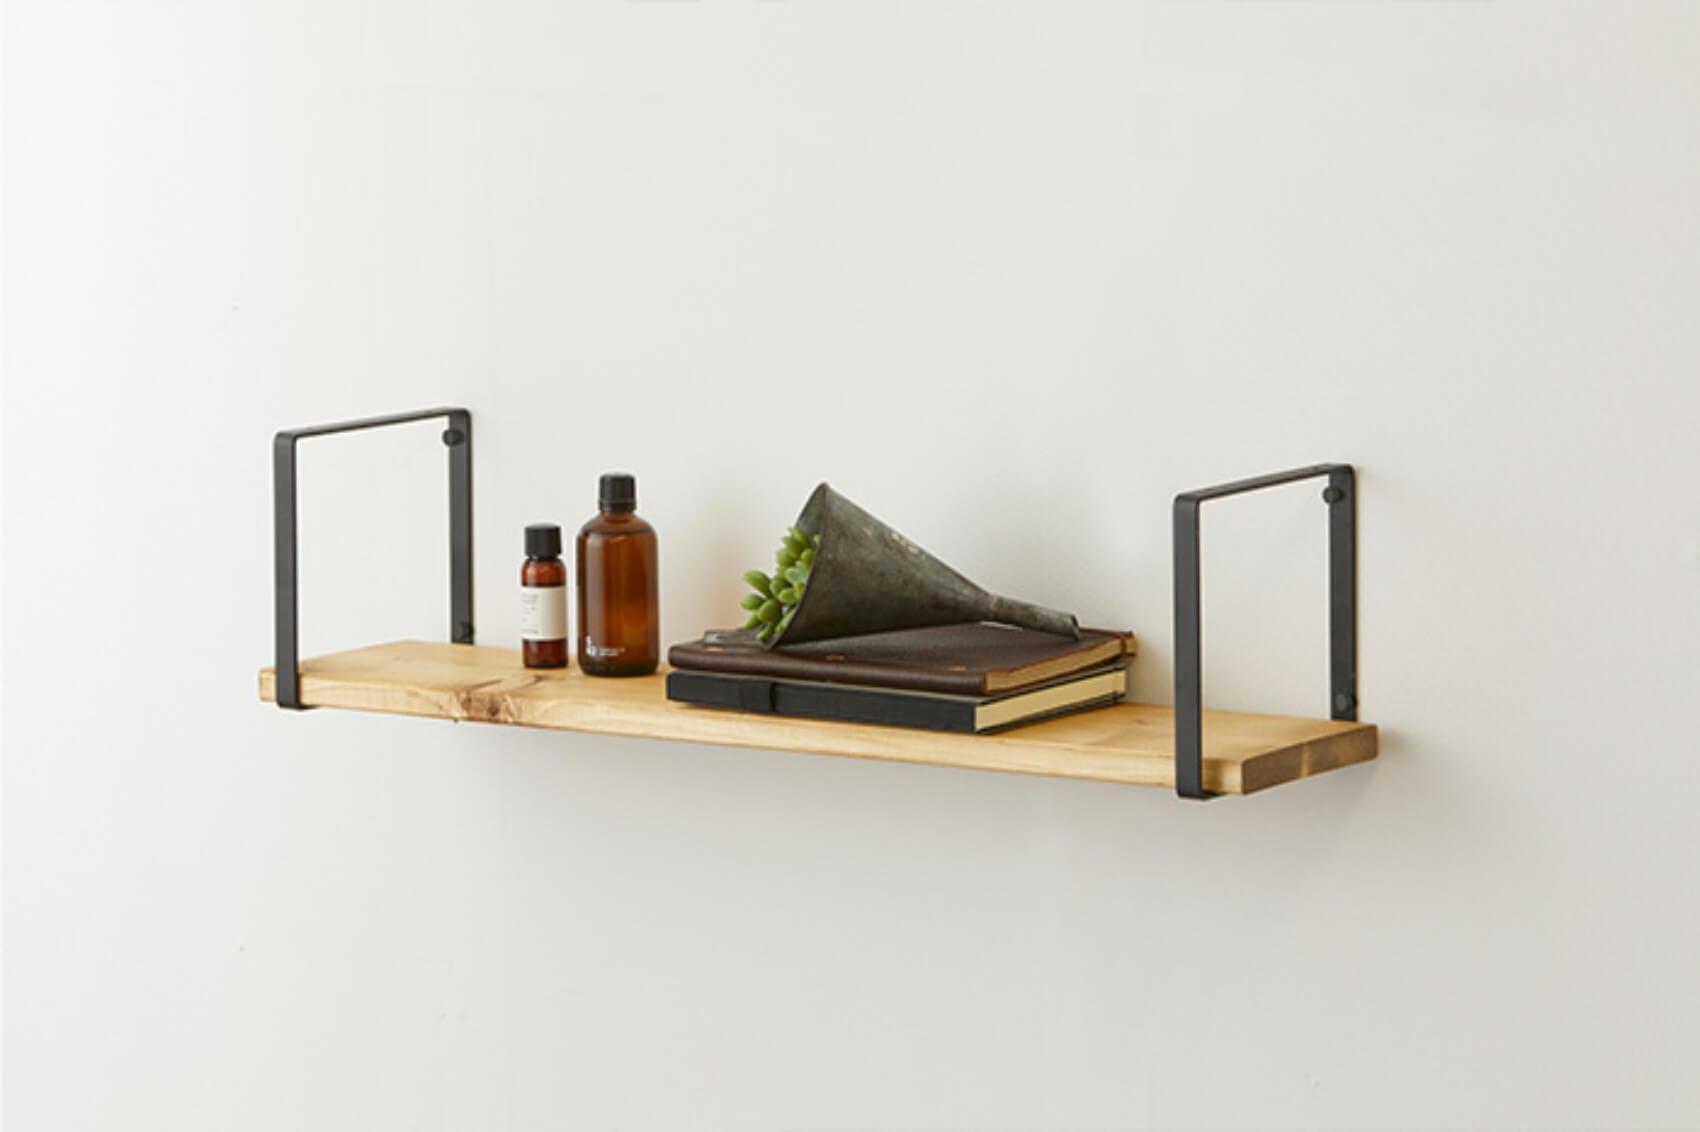 ちょっとした小物を置くのに便利な壁掛けラックは、ベッドサイドに取り付けて、携帯や眼鏡などを置くのにぴったり。(このお部屋をもっと見る)